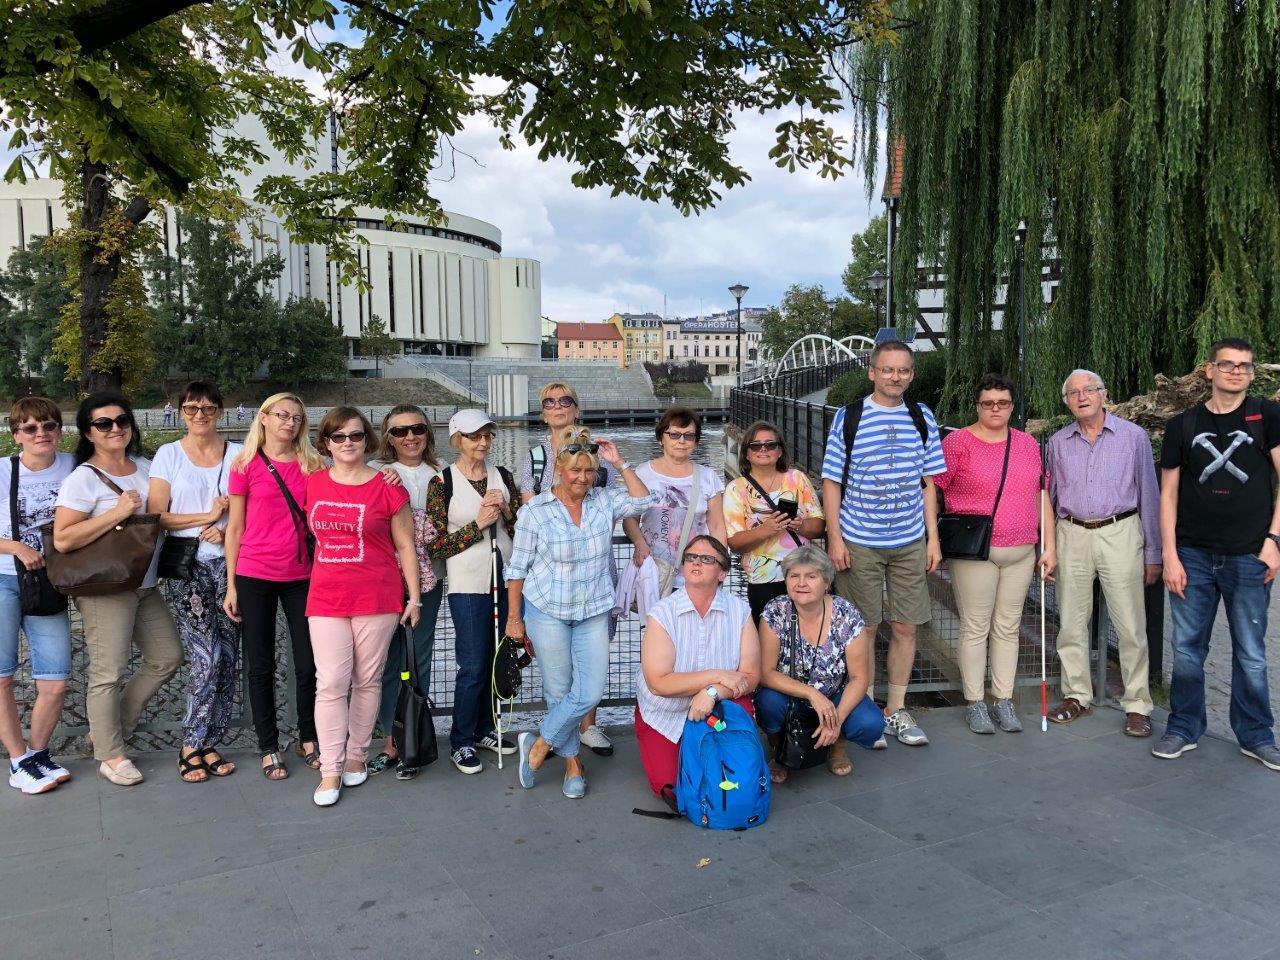 Pamiątkowe zdjęcie, cała nasza gromadka, w tle gmach Opery Nova w Bydgoszczy